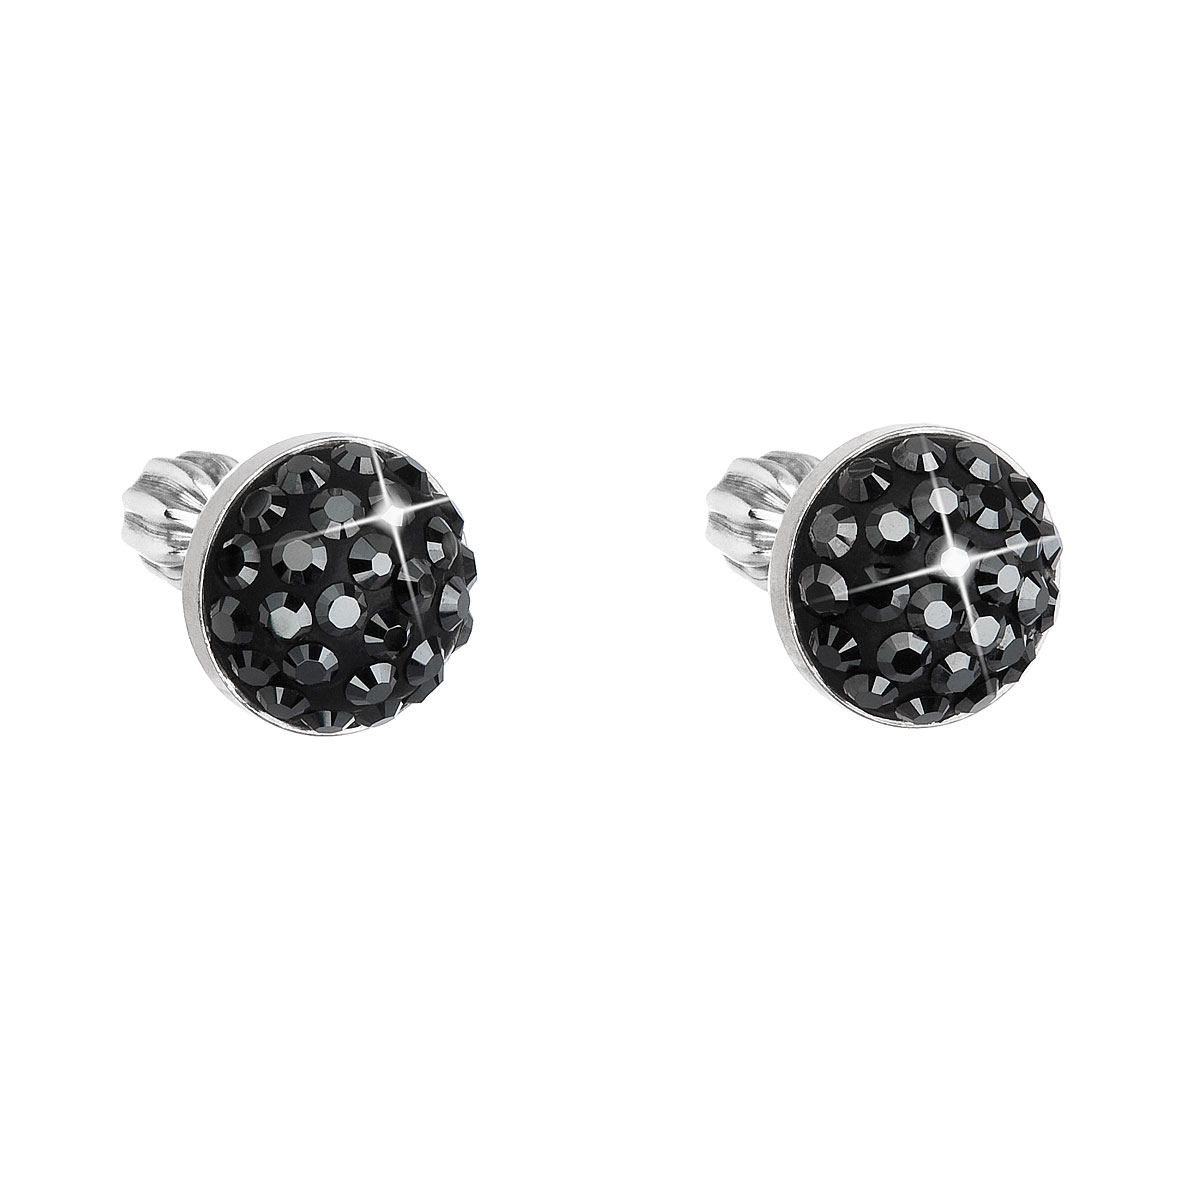 Strieborné náušnice kôstky s krištálmi Swarovski čierne okrúhle 31336.5 hematite